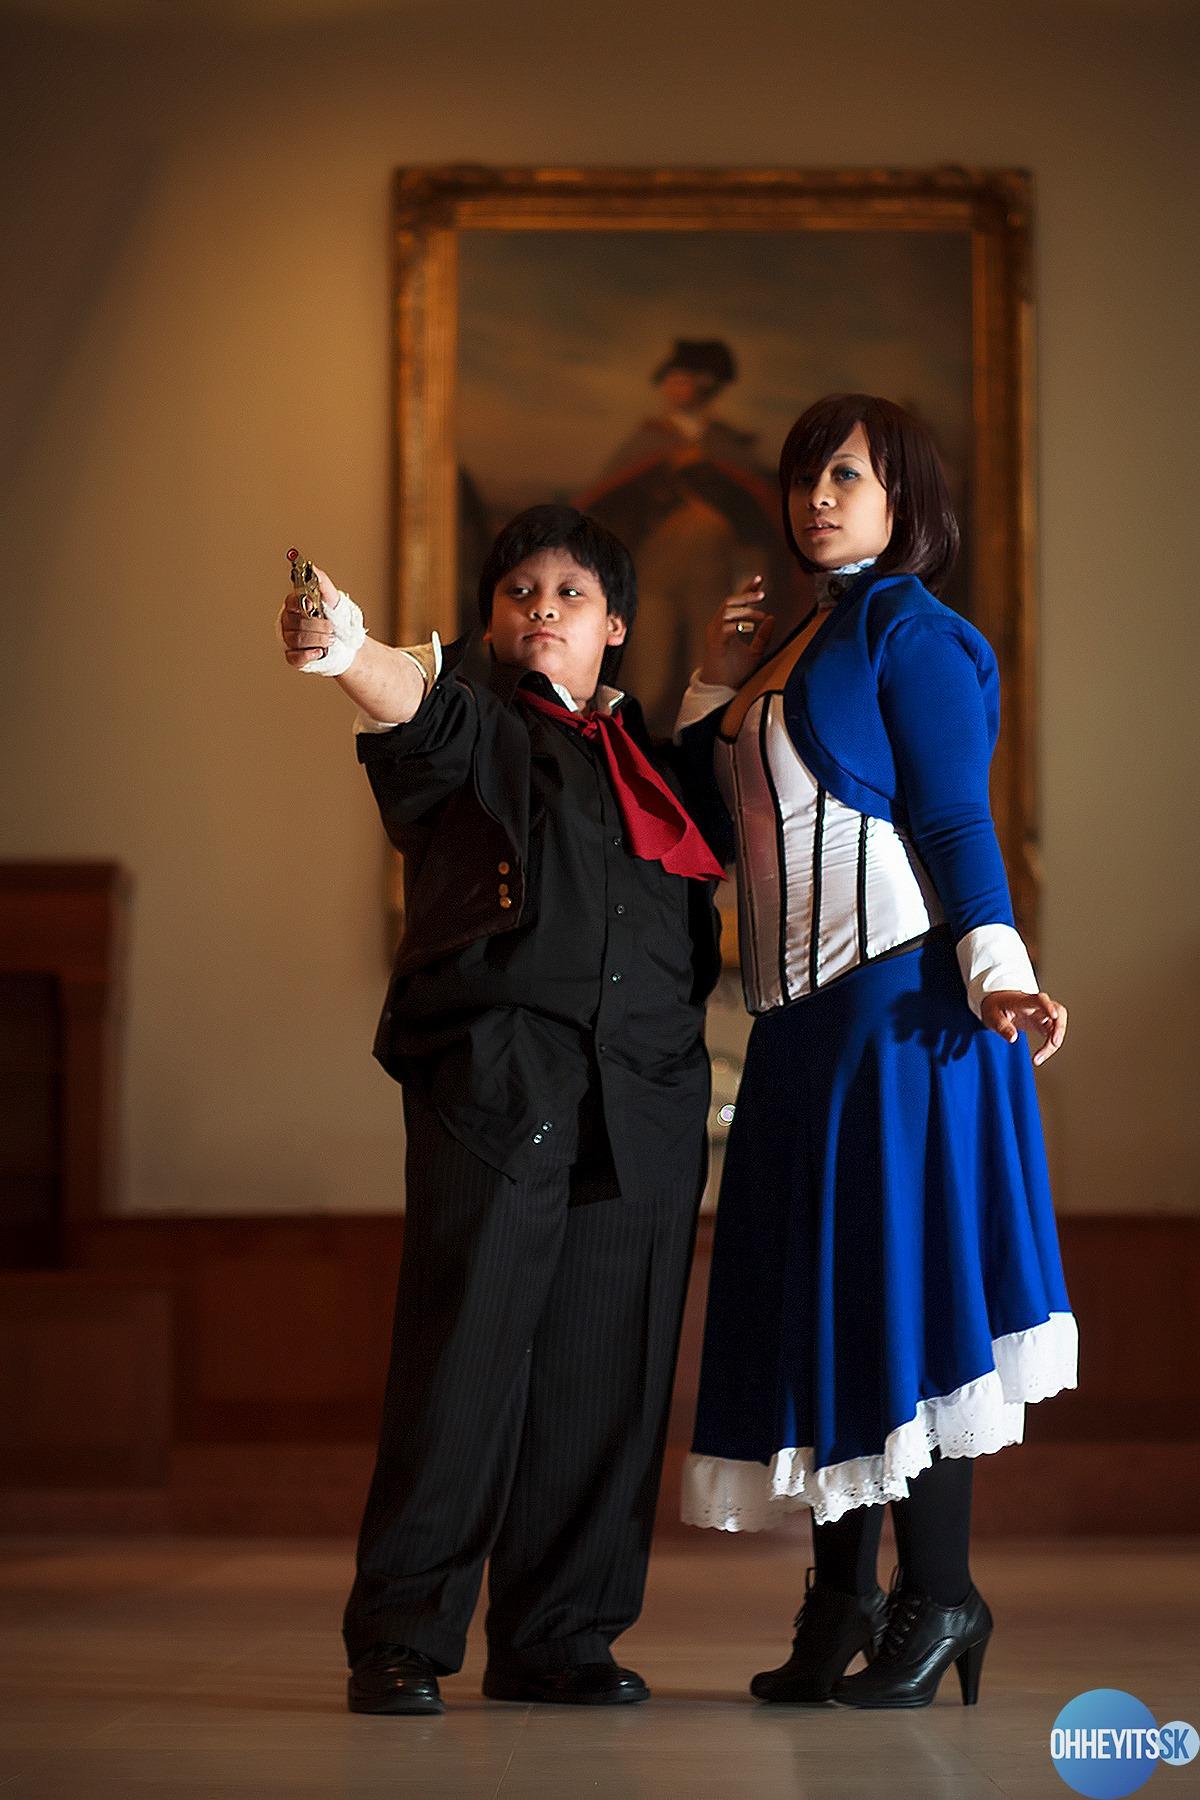 Elizabeth & Booker (worn by my brother!) (Bioshock: Infinite) photo: Some Kid / Trevor Tomlinson